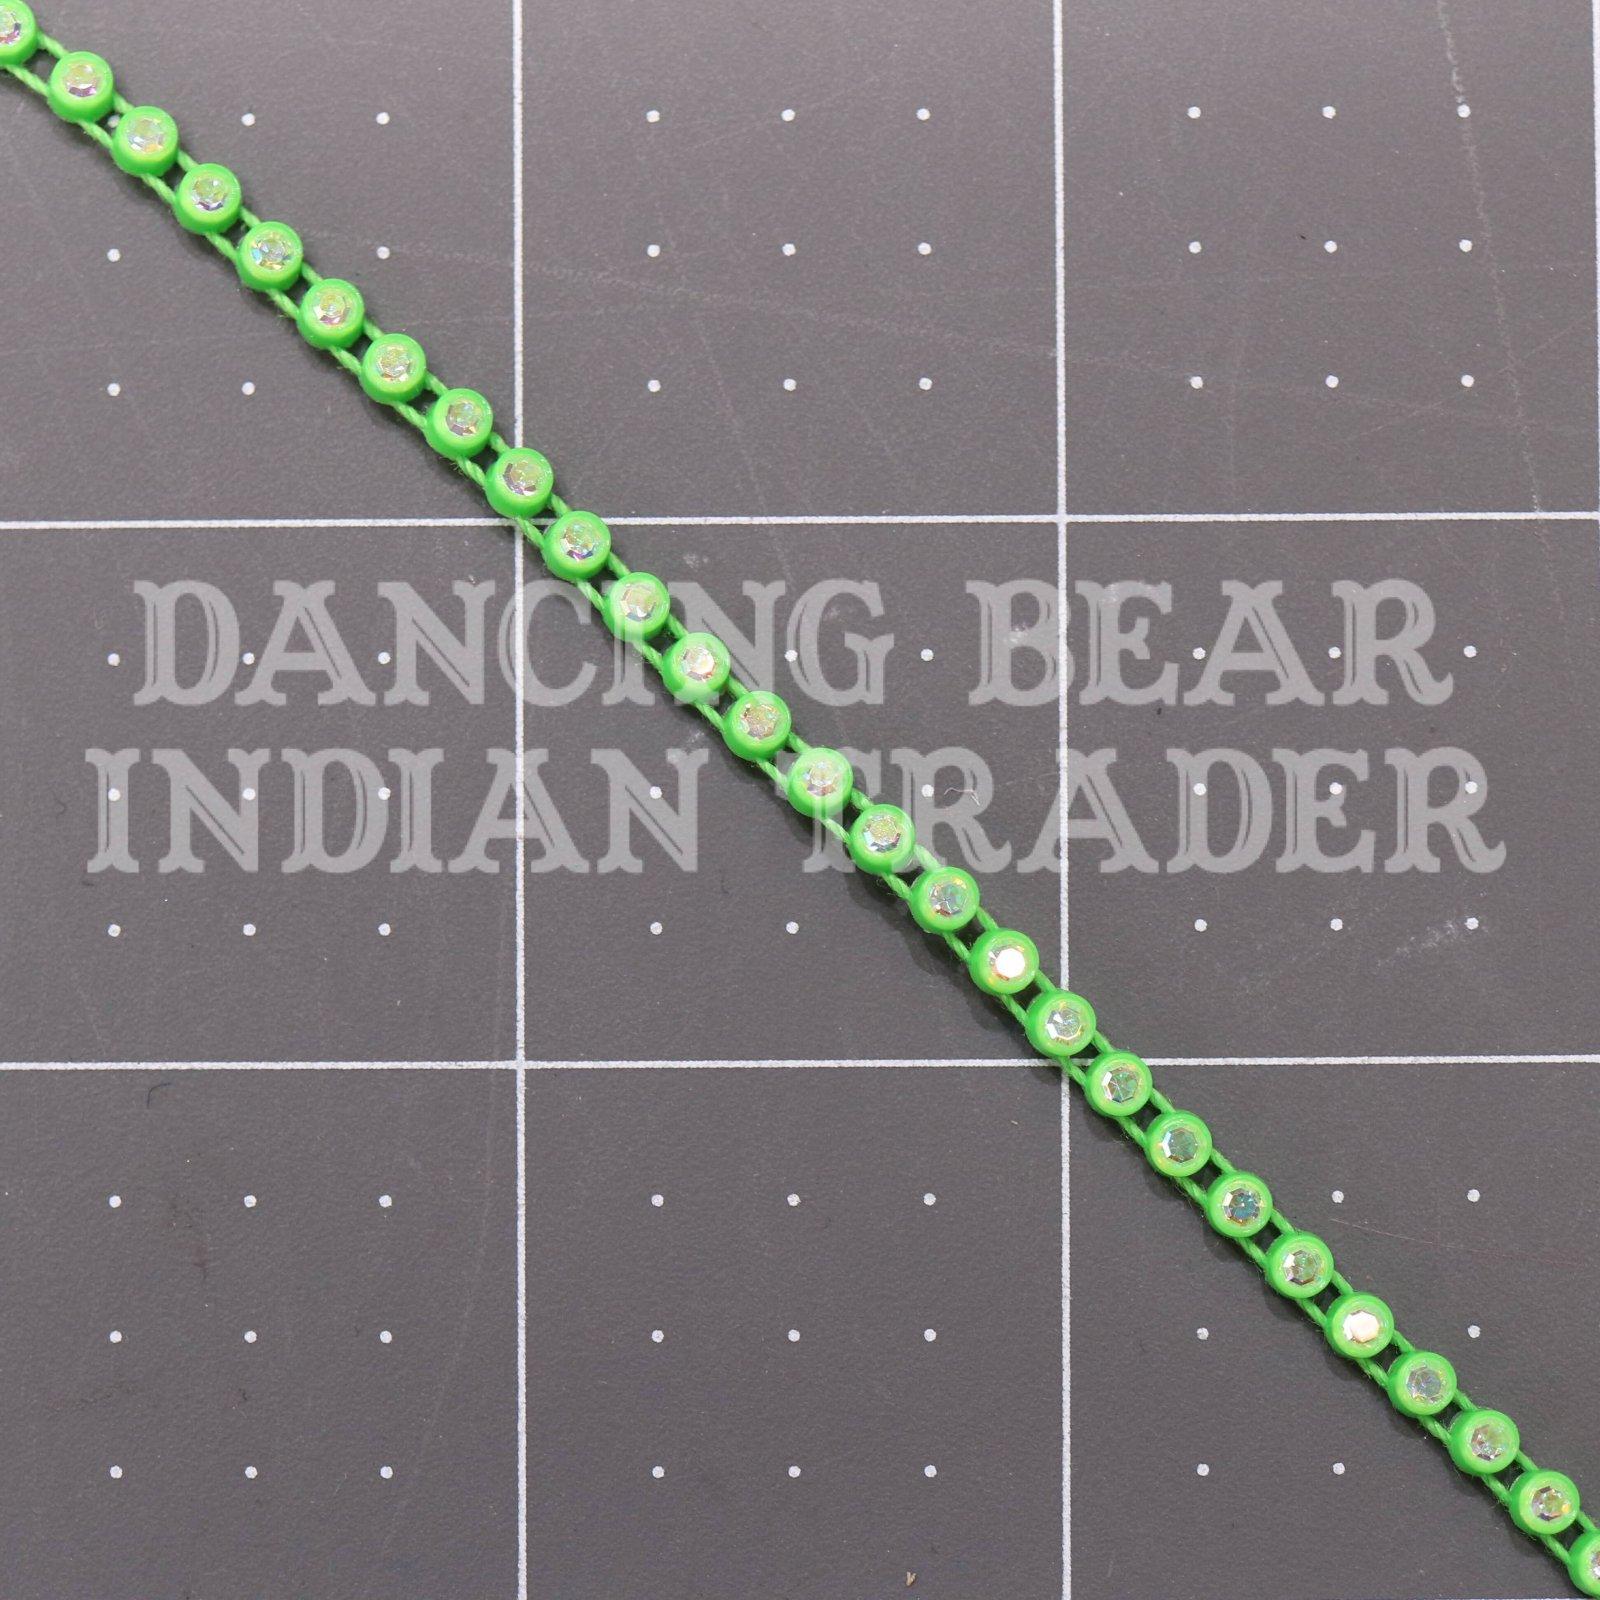 17pp-ss8 Crystal AB/Acid Green Bkg, 1 yard Rhinestone Banding